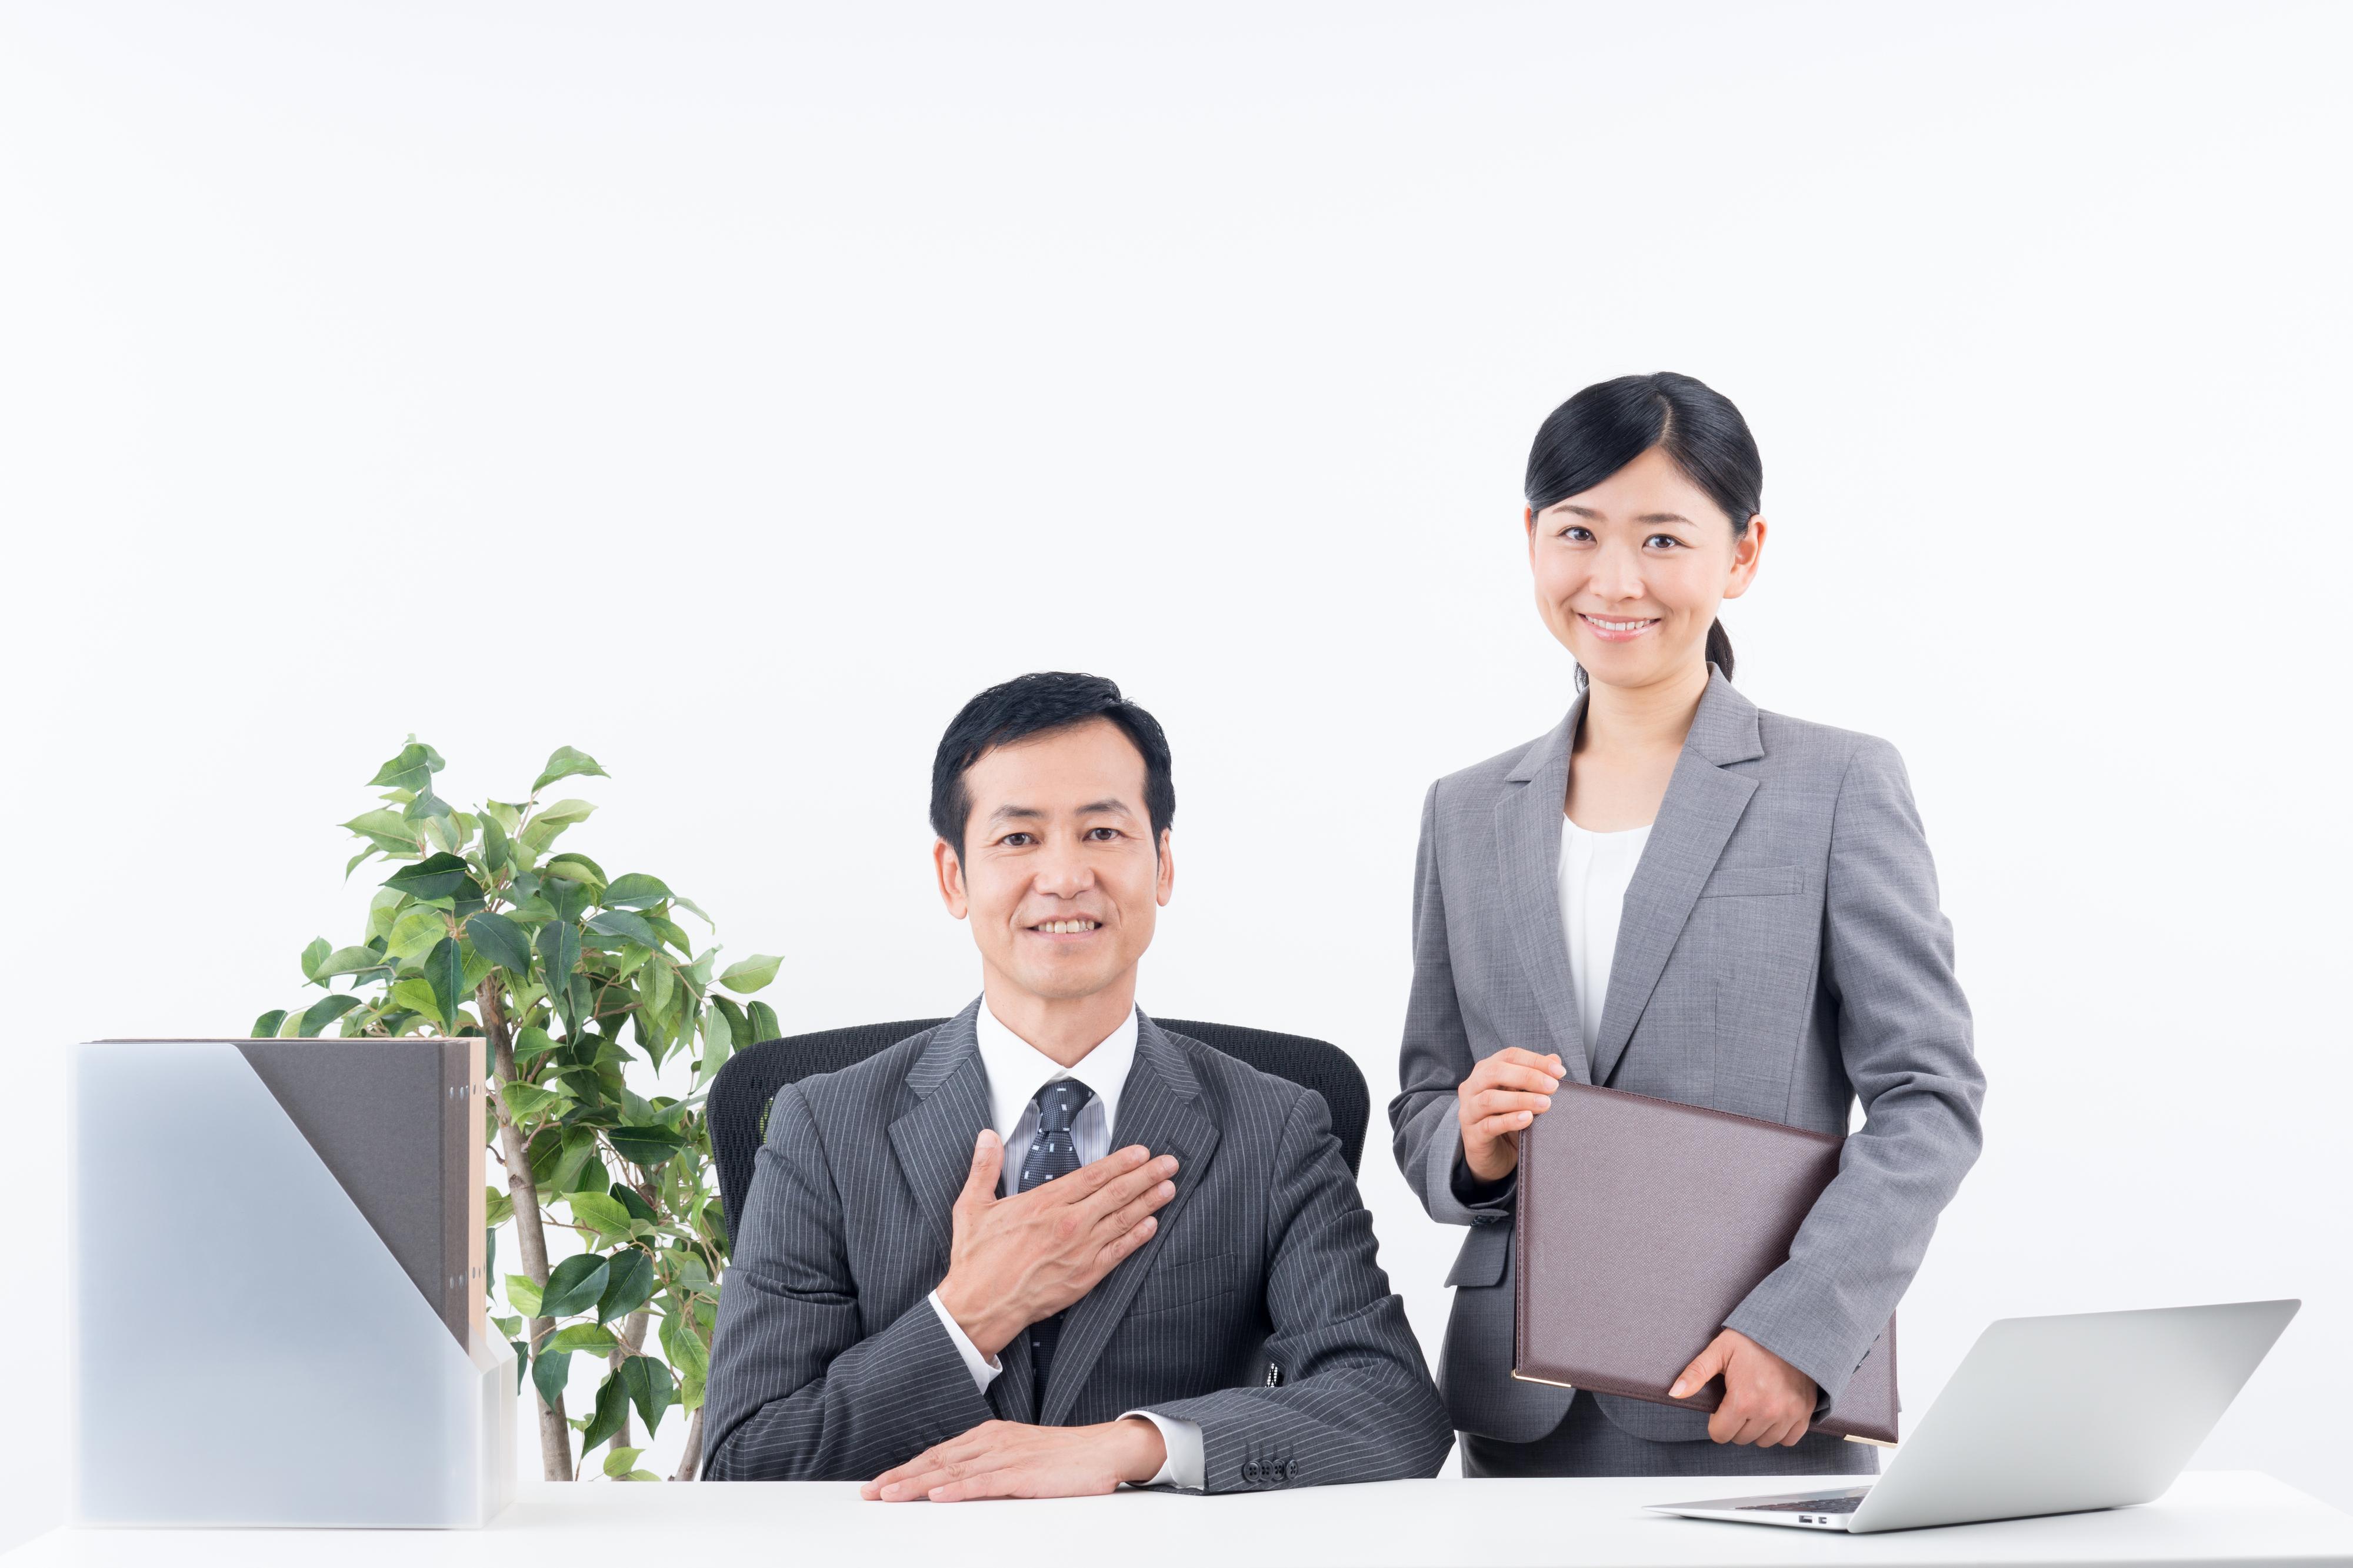 ベンチャーキャピタルから出資を募る際のテクニック、資金調達をしよう!